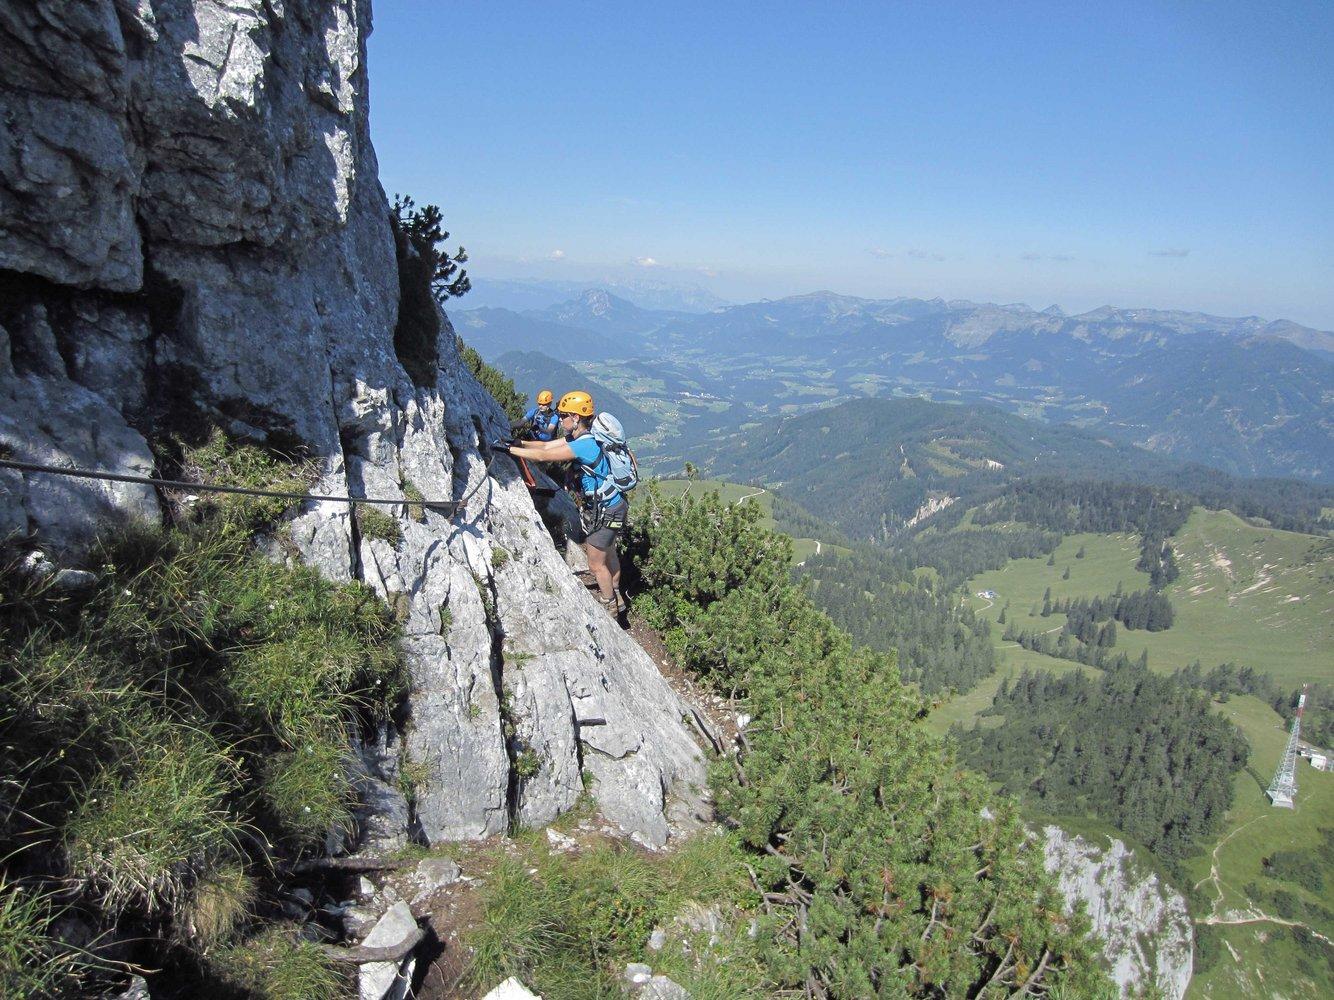 Klettergurt Mit Jelent : Intersport klettersteig gr donnerkogel: 23.6. gablonzer hütte 1550